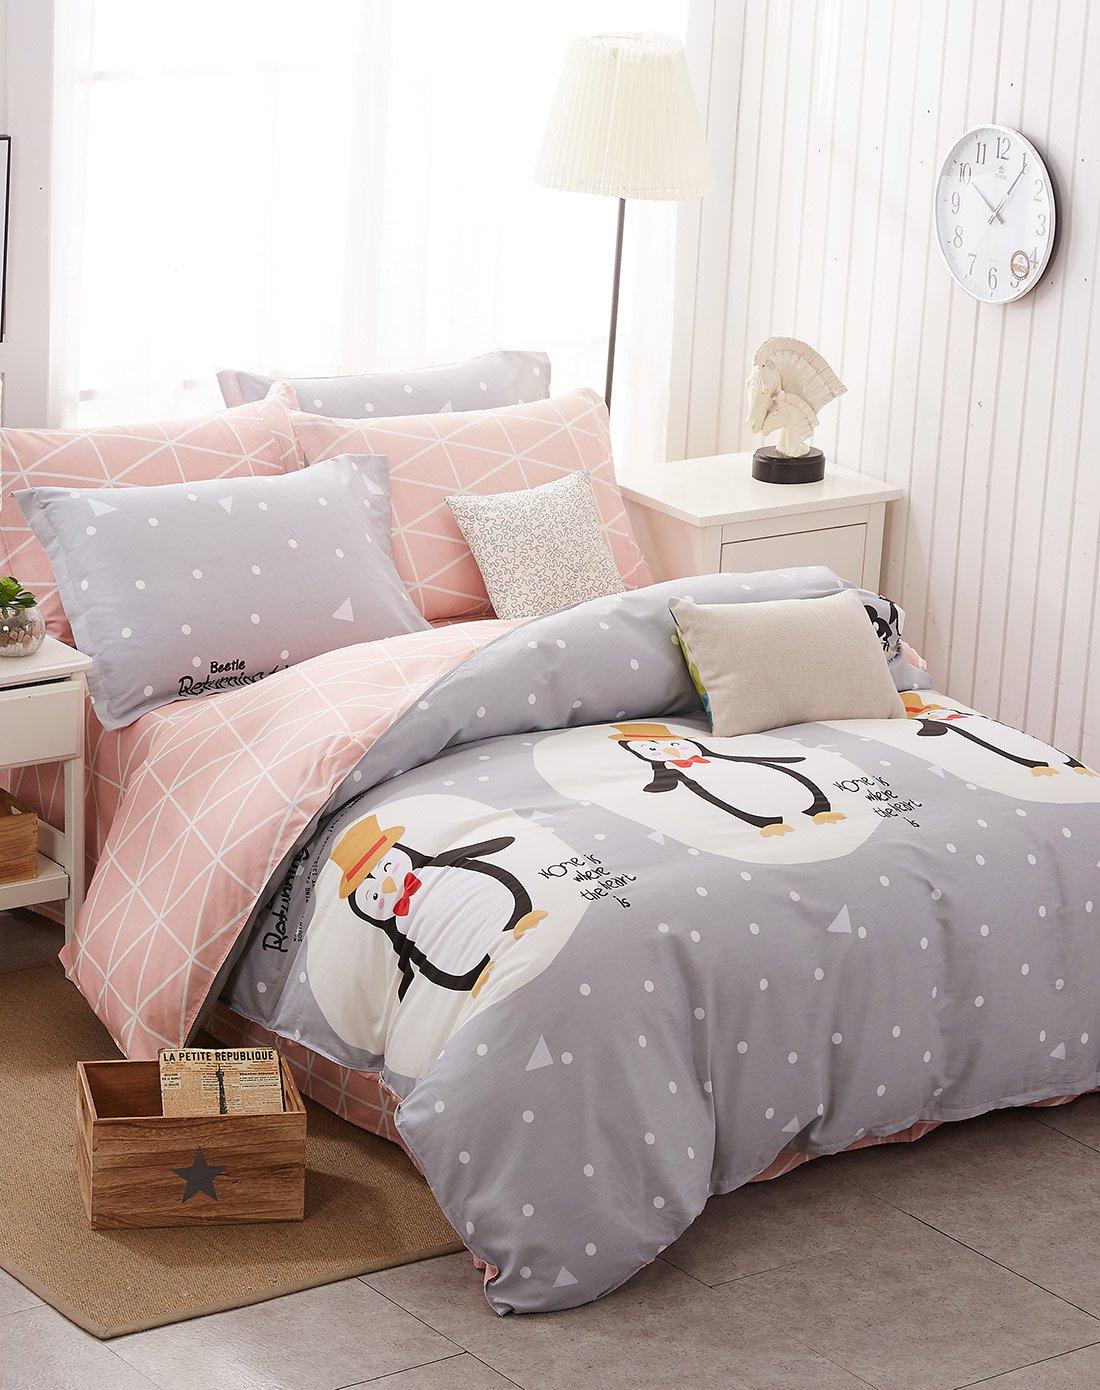 �zf����9�X]��dy��_被 被子 床 床上用品 家居 家具 卧室 装修 1100_1390 竖版 竖屏